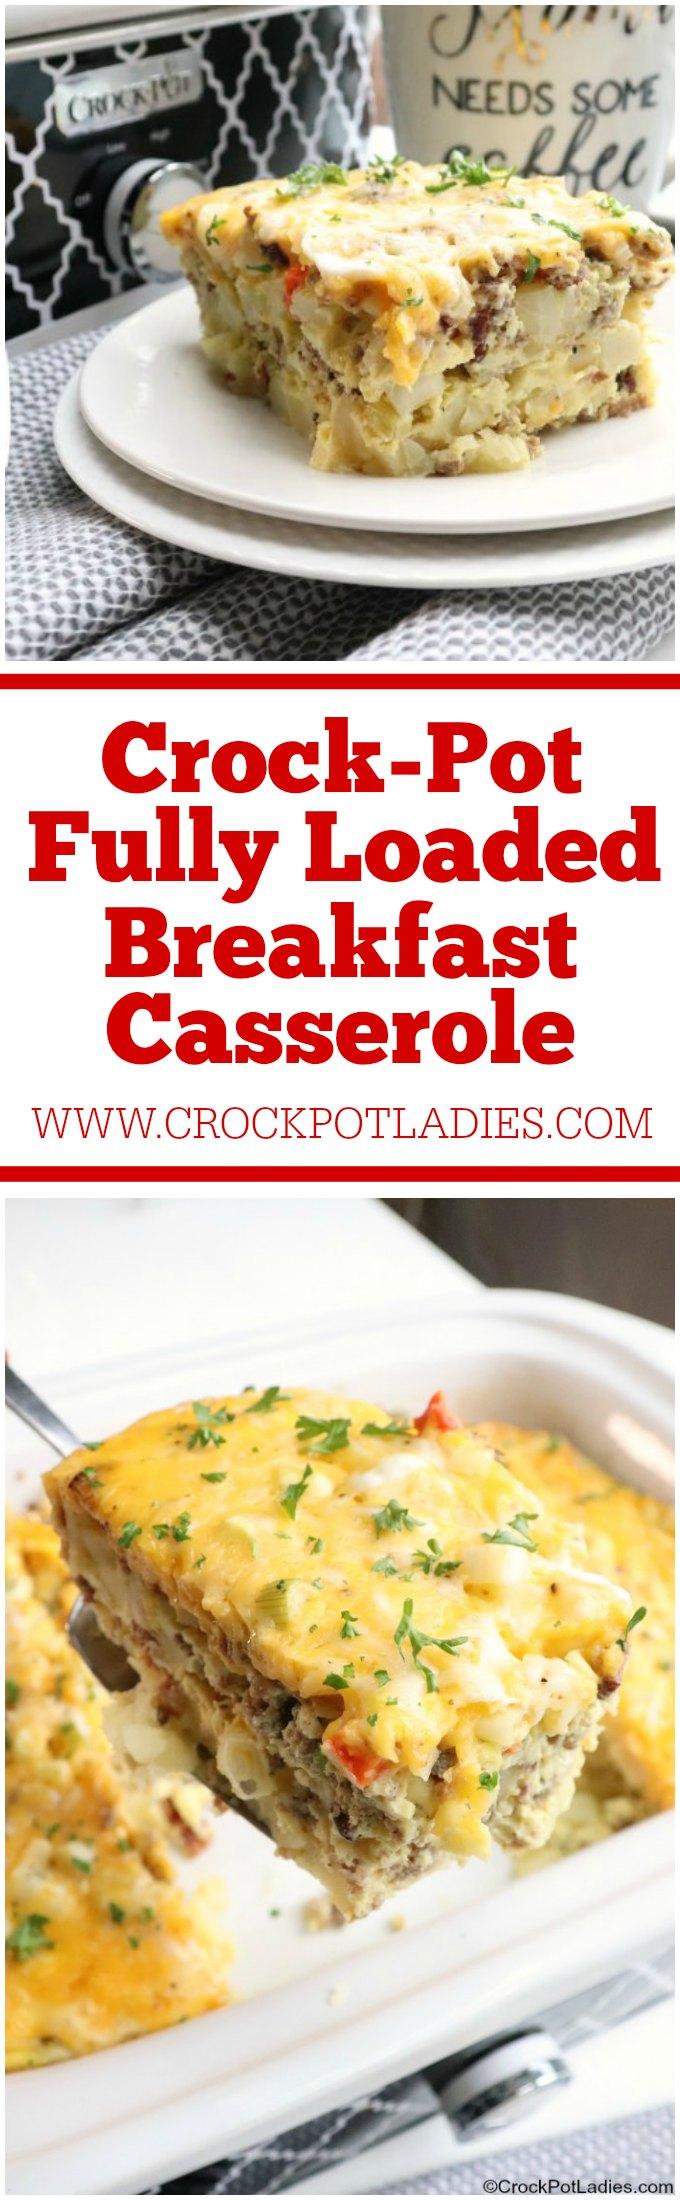 Crock-Pot Fully Loaded Breakfast Casserole